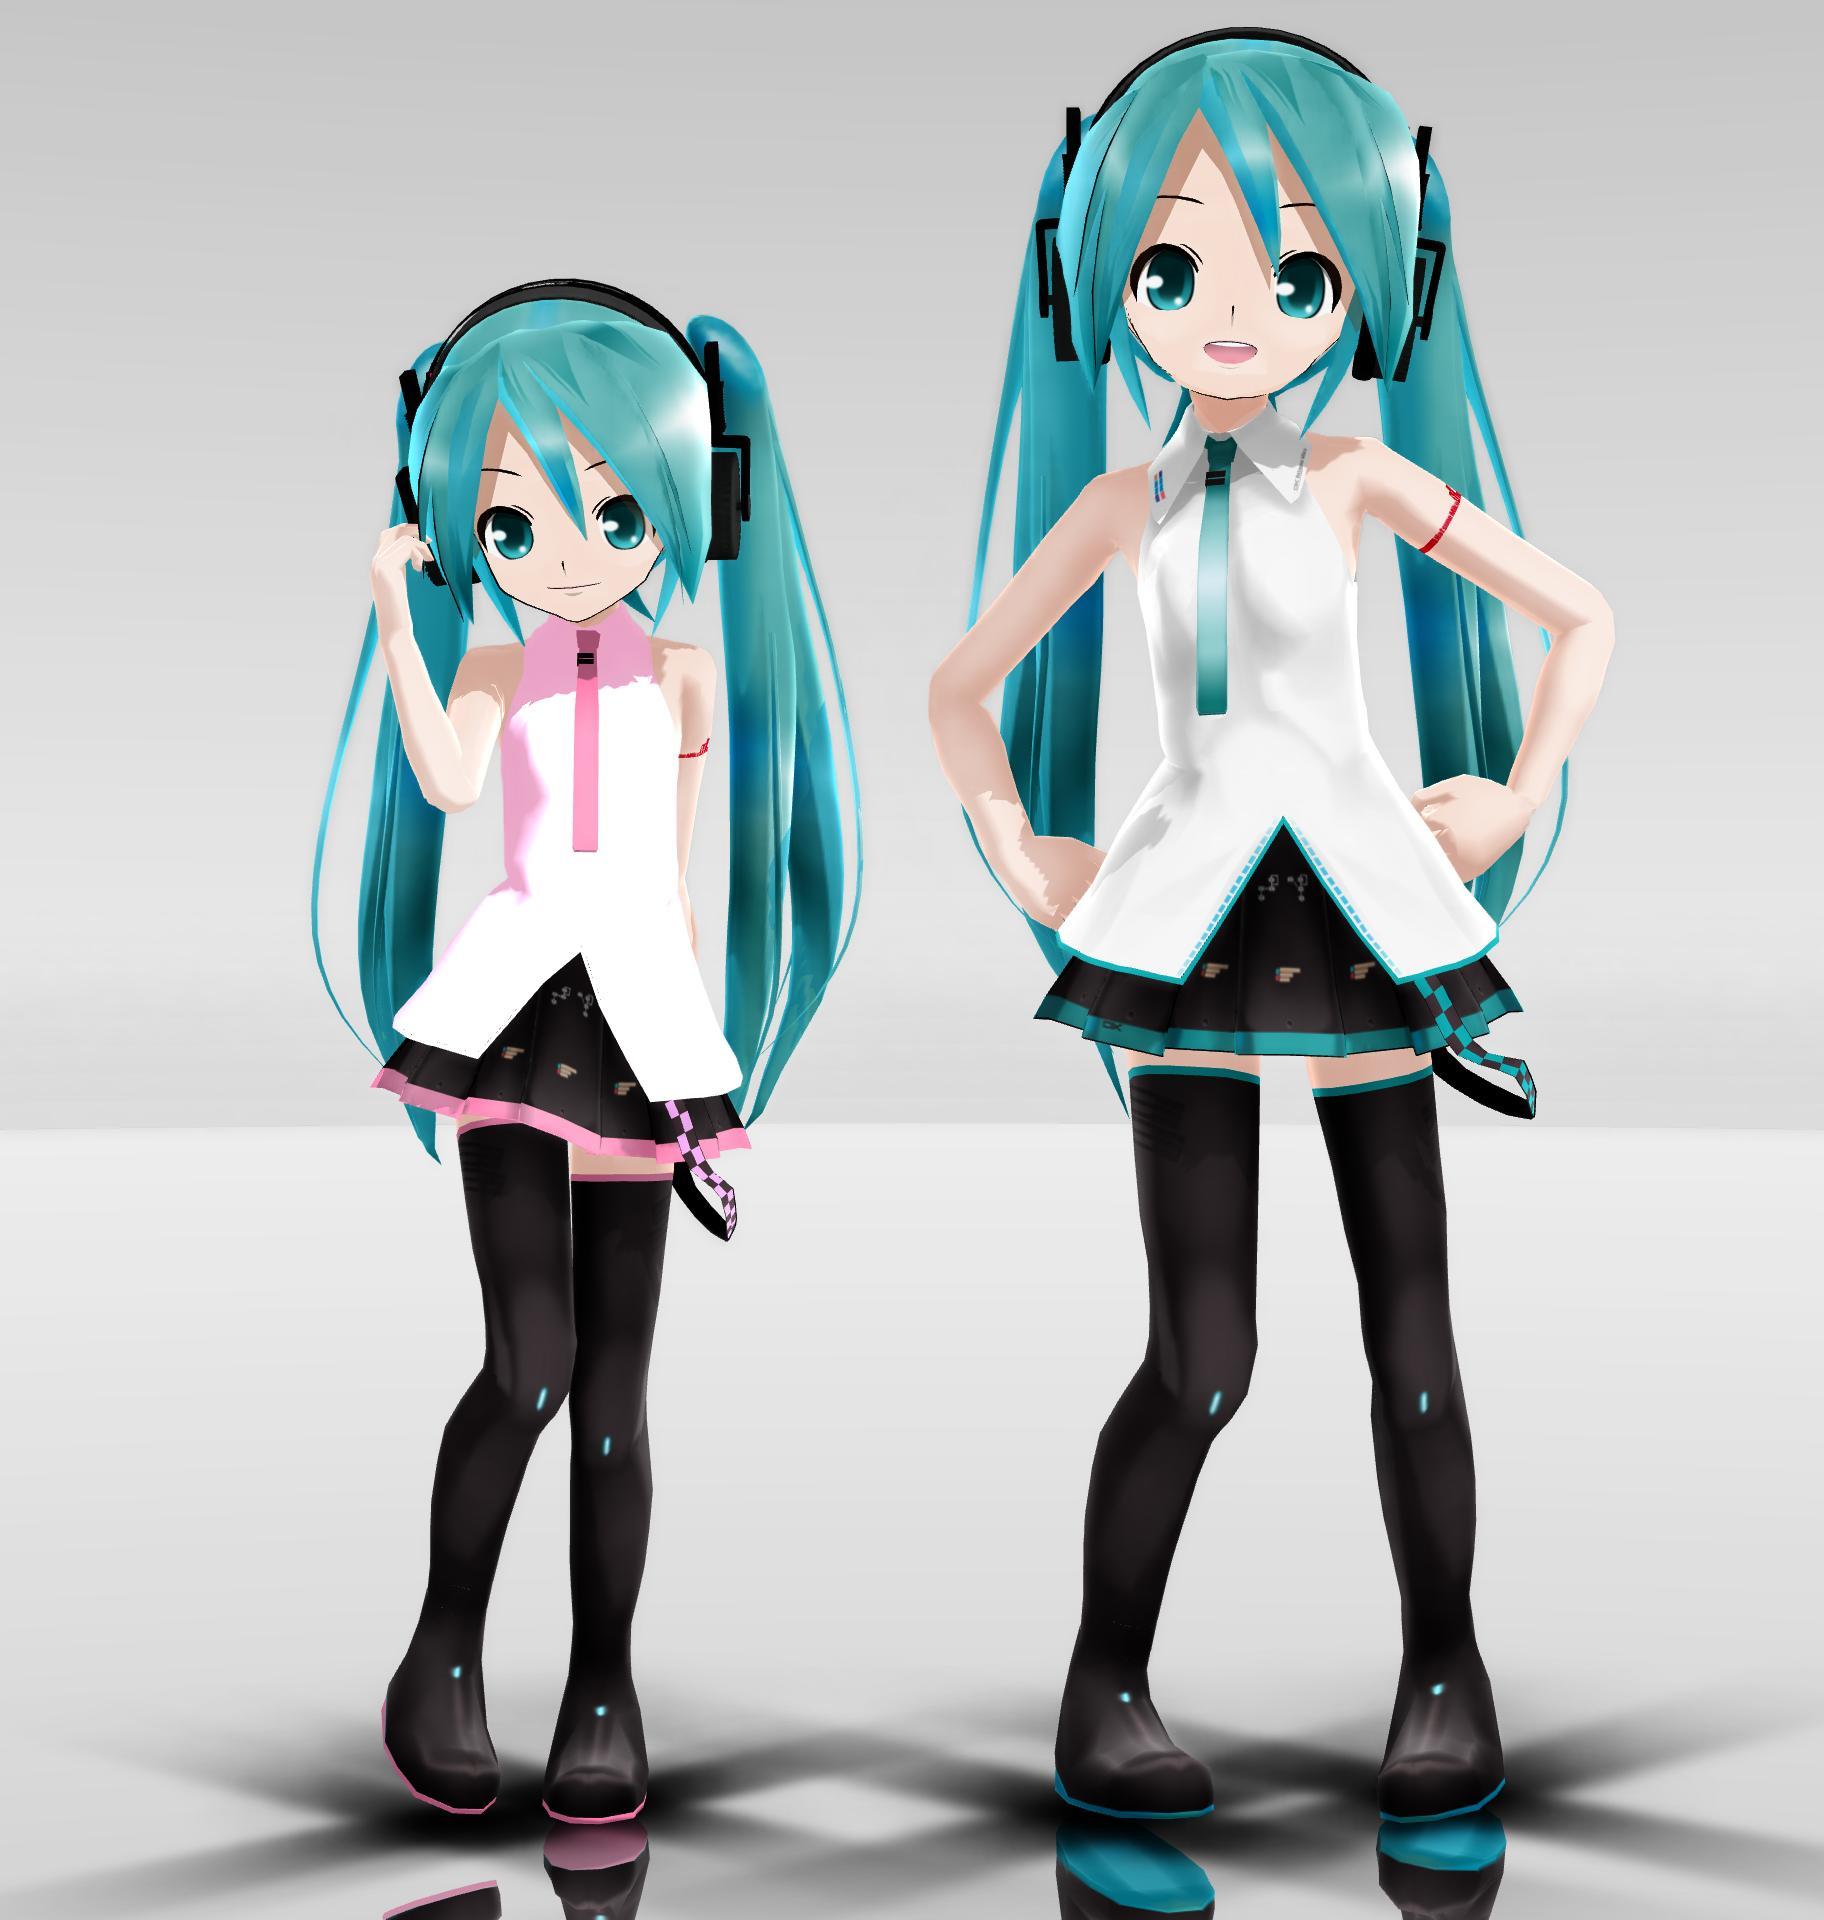 LAT Petite and Chibi Miku by Reon046